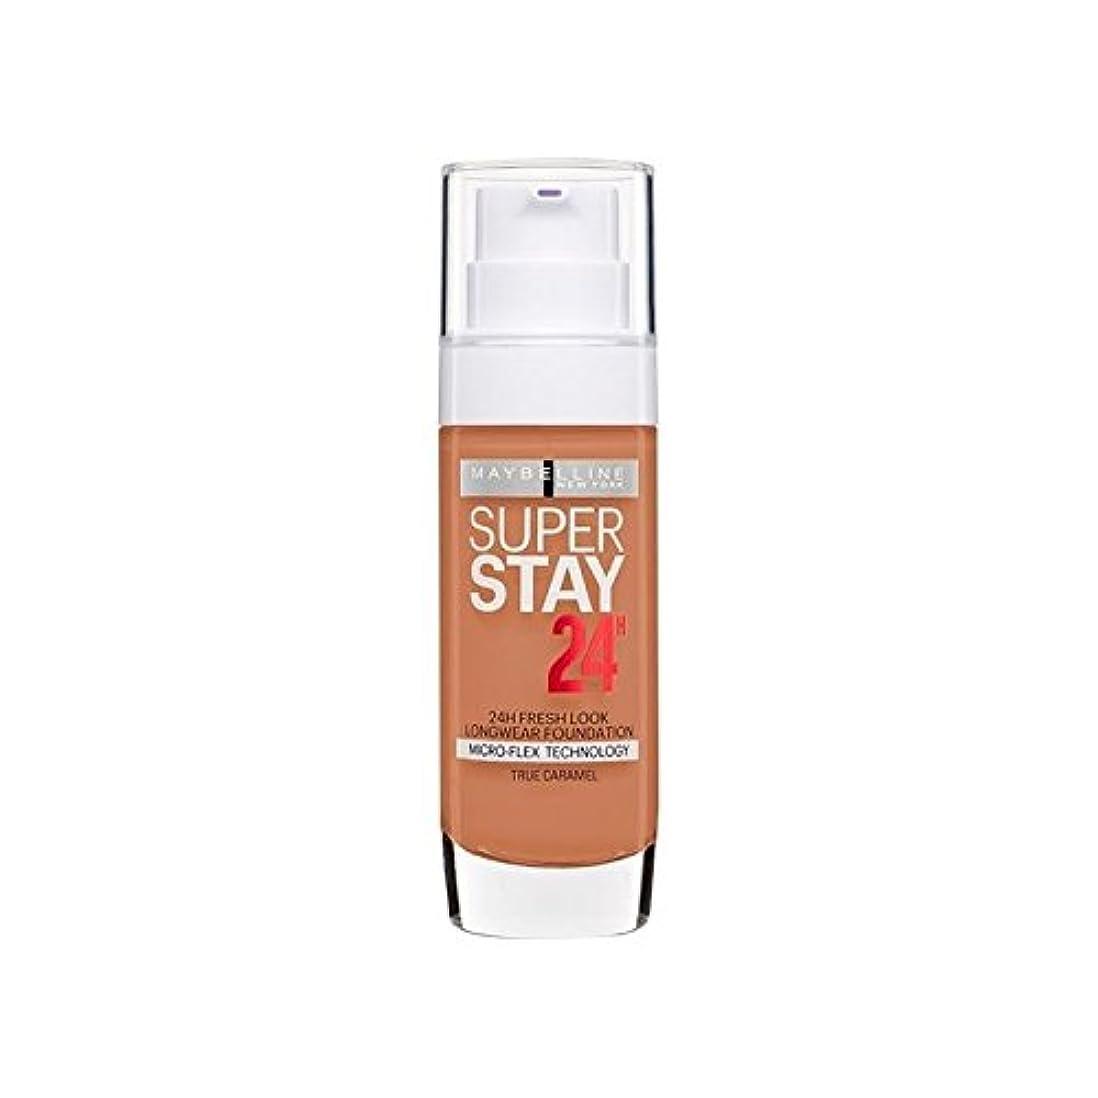 しない解釈する何もないMaybelline SuperStay 24h Liquid Foundation 58 Caramel 30ml - メイベリン 24時間リキッドファンデーション58キャラメル30ミリリットル [並行輸入品]